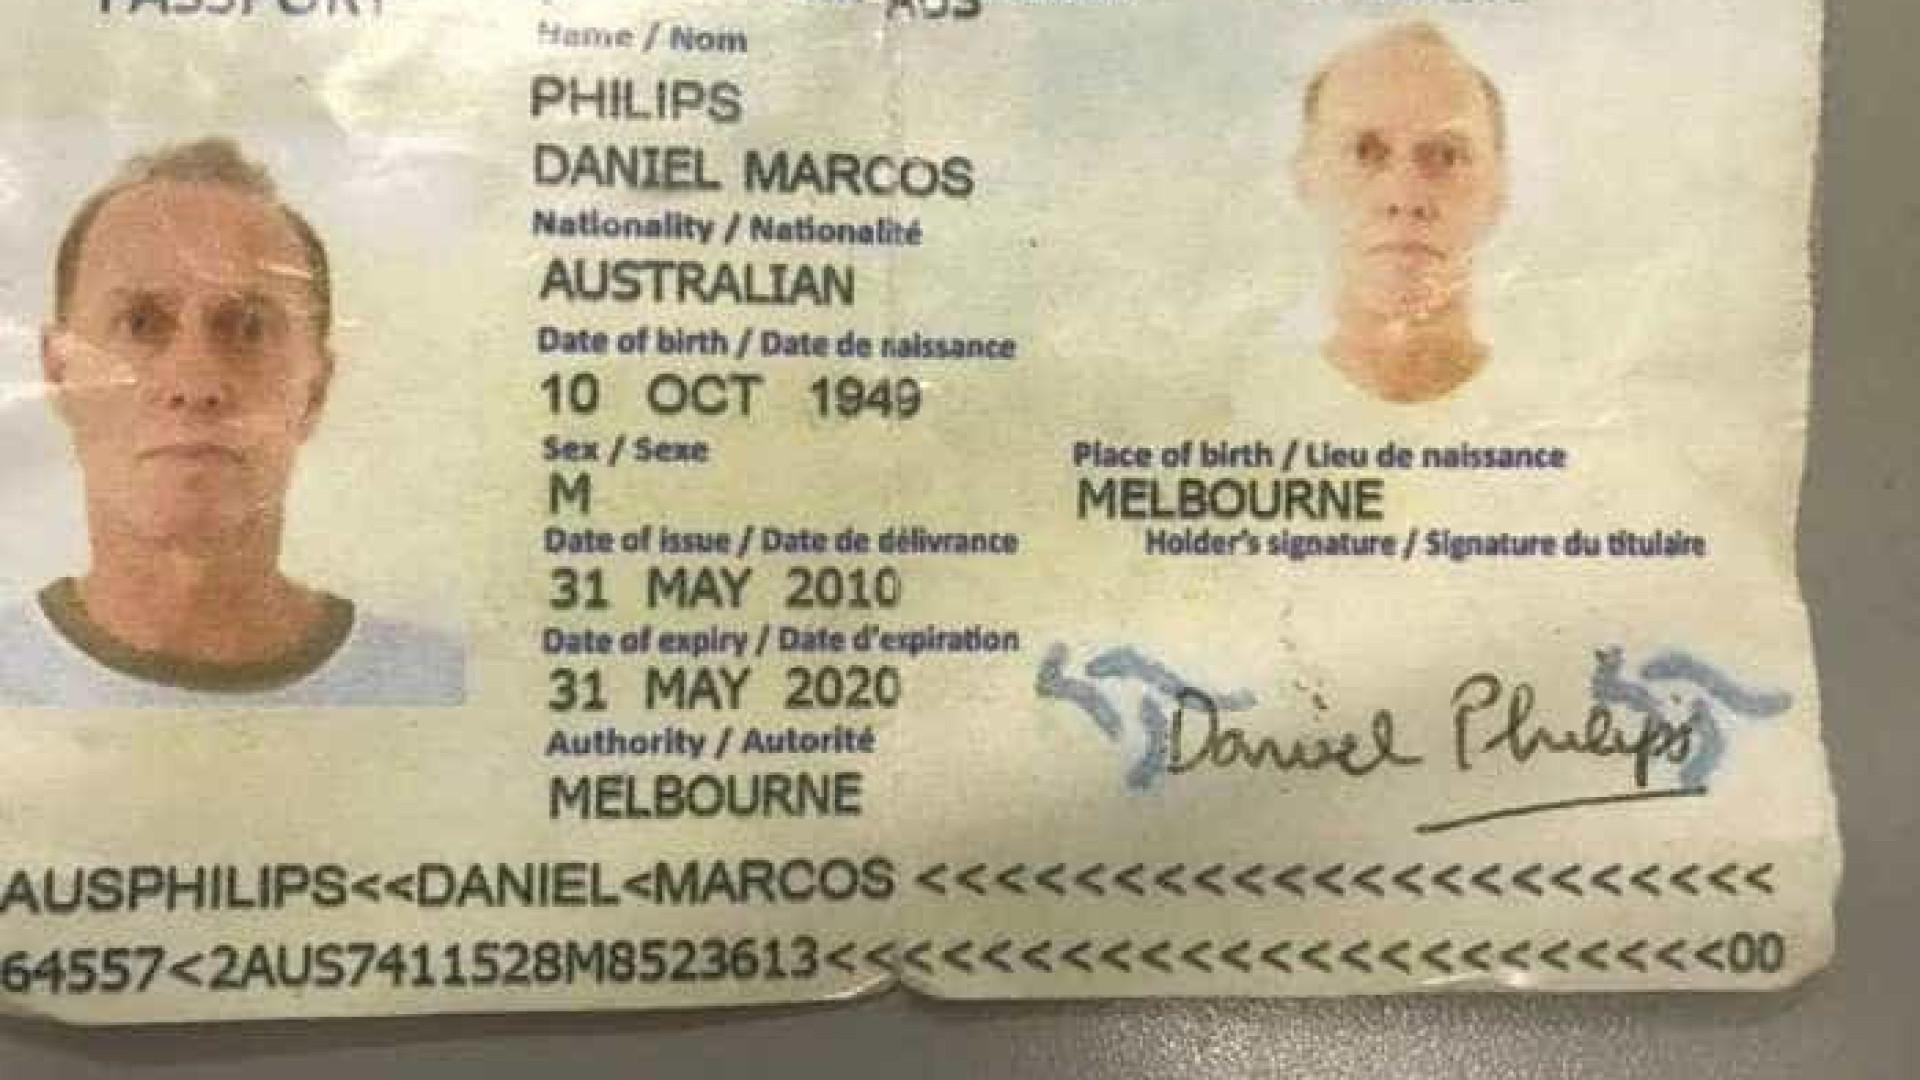 Filho adotivo de australiano acusado de pedofilia nega abusos